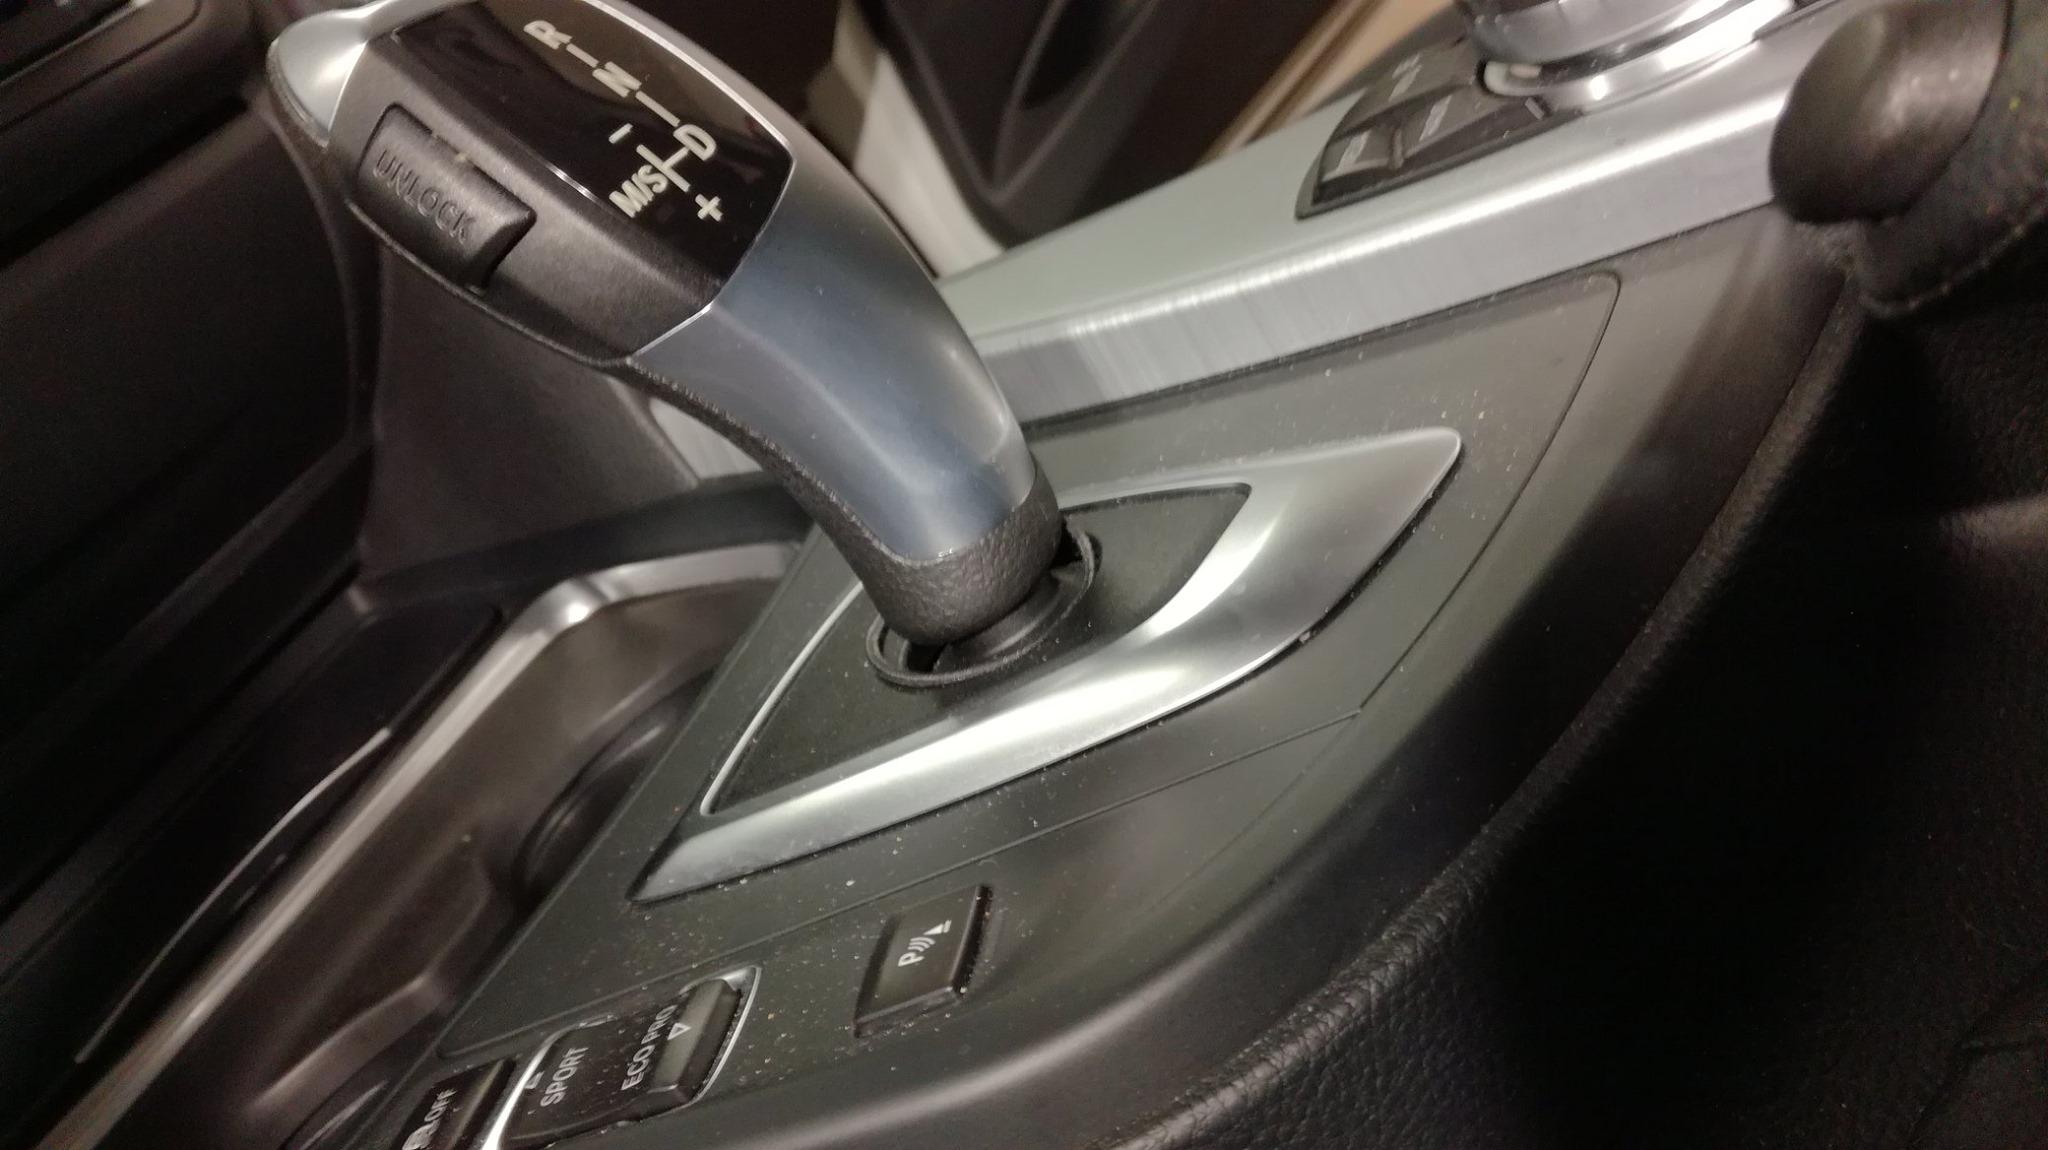 Naše TOP Detailingová služba - Čištění interiérů automobilů AUTO KRAUS GARAGE detailing